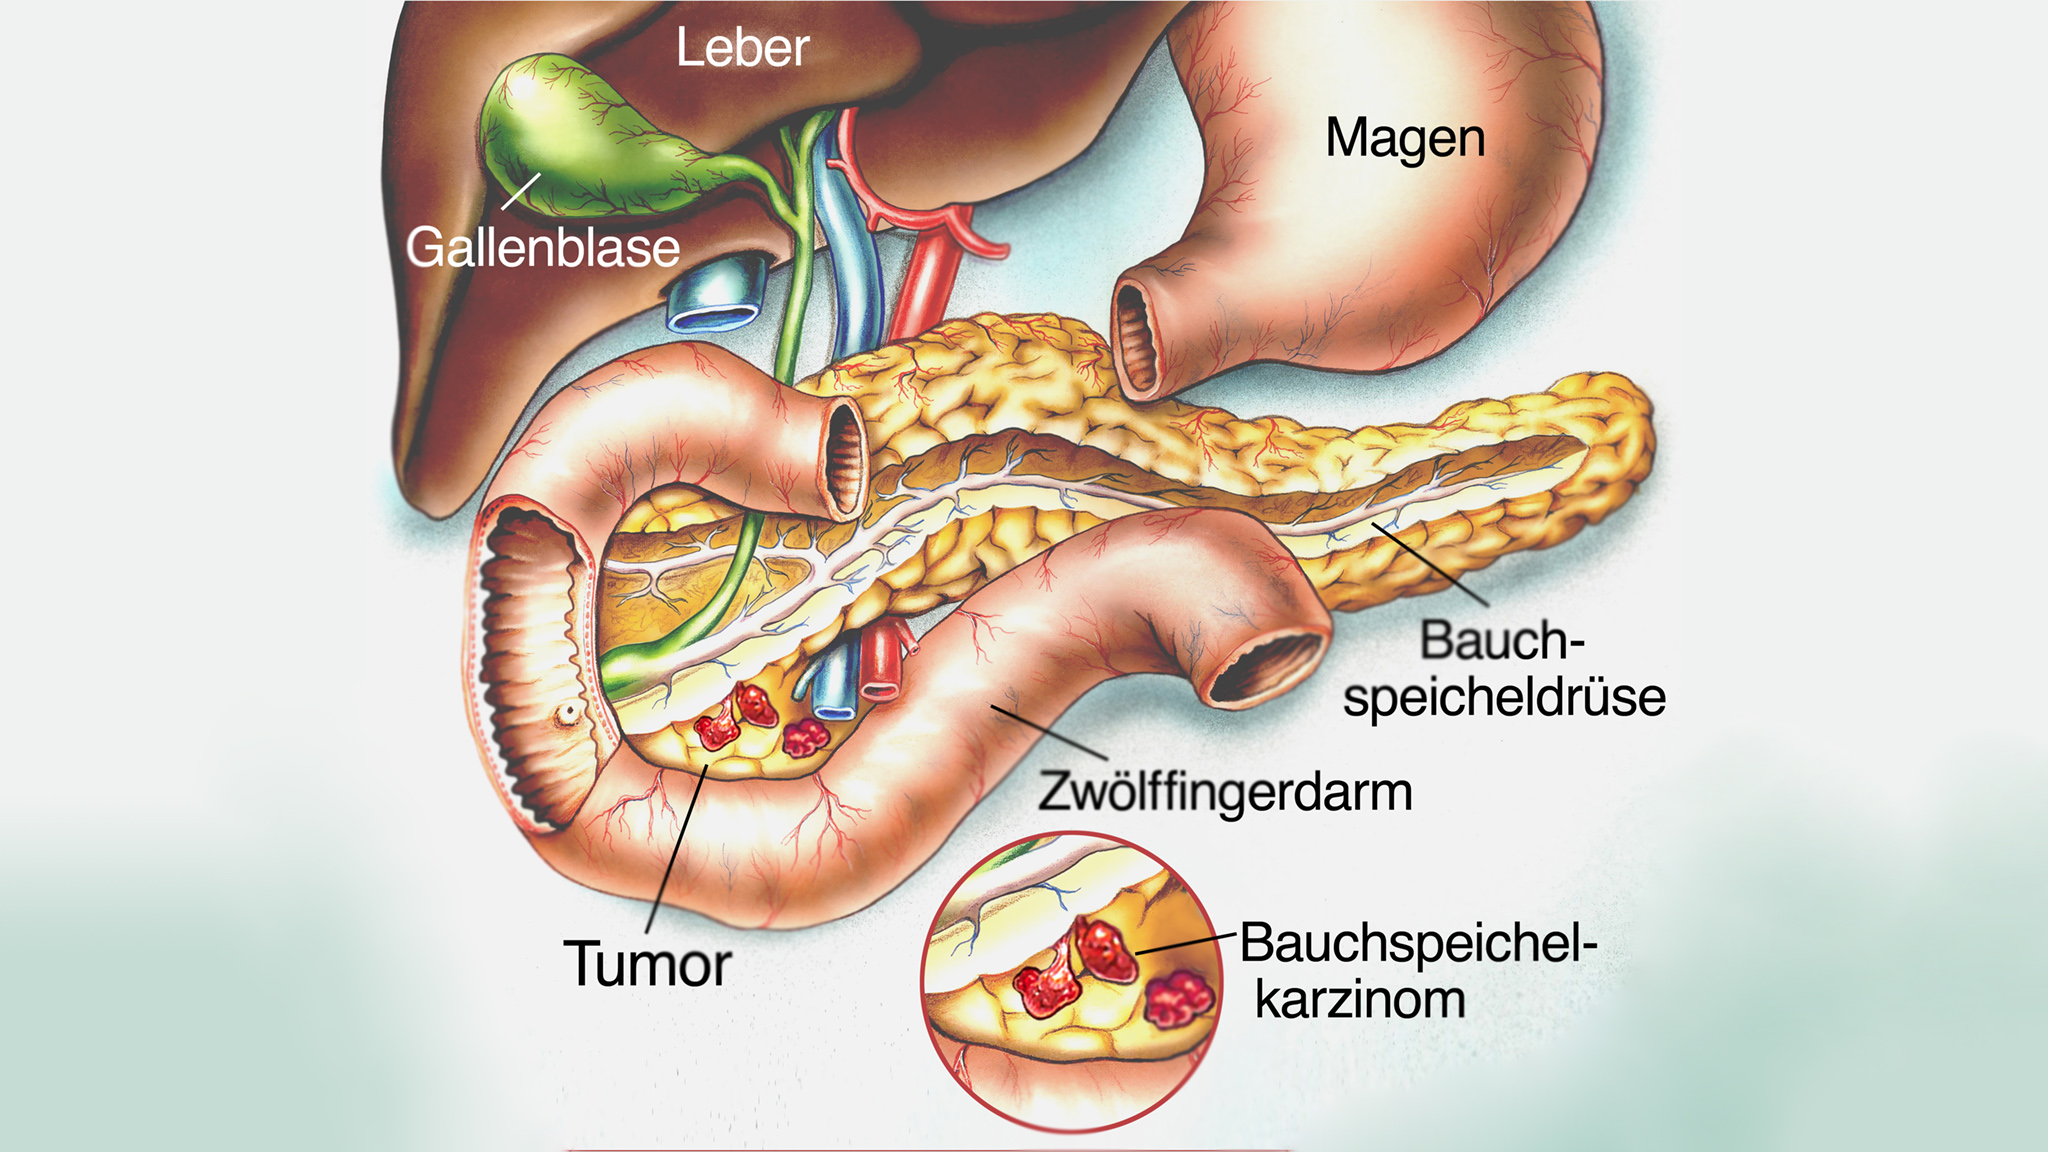 Bauchspeicheldrüsenkrebs